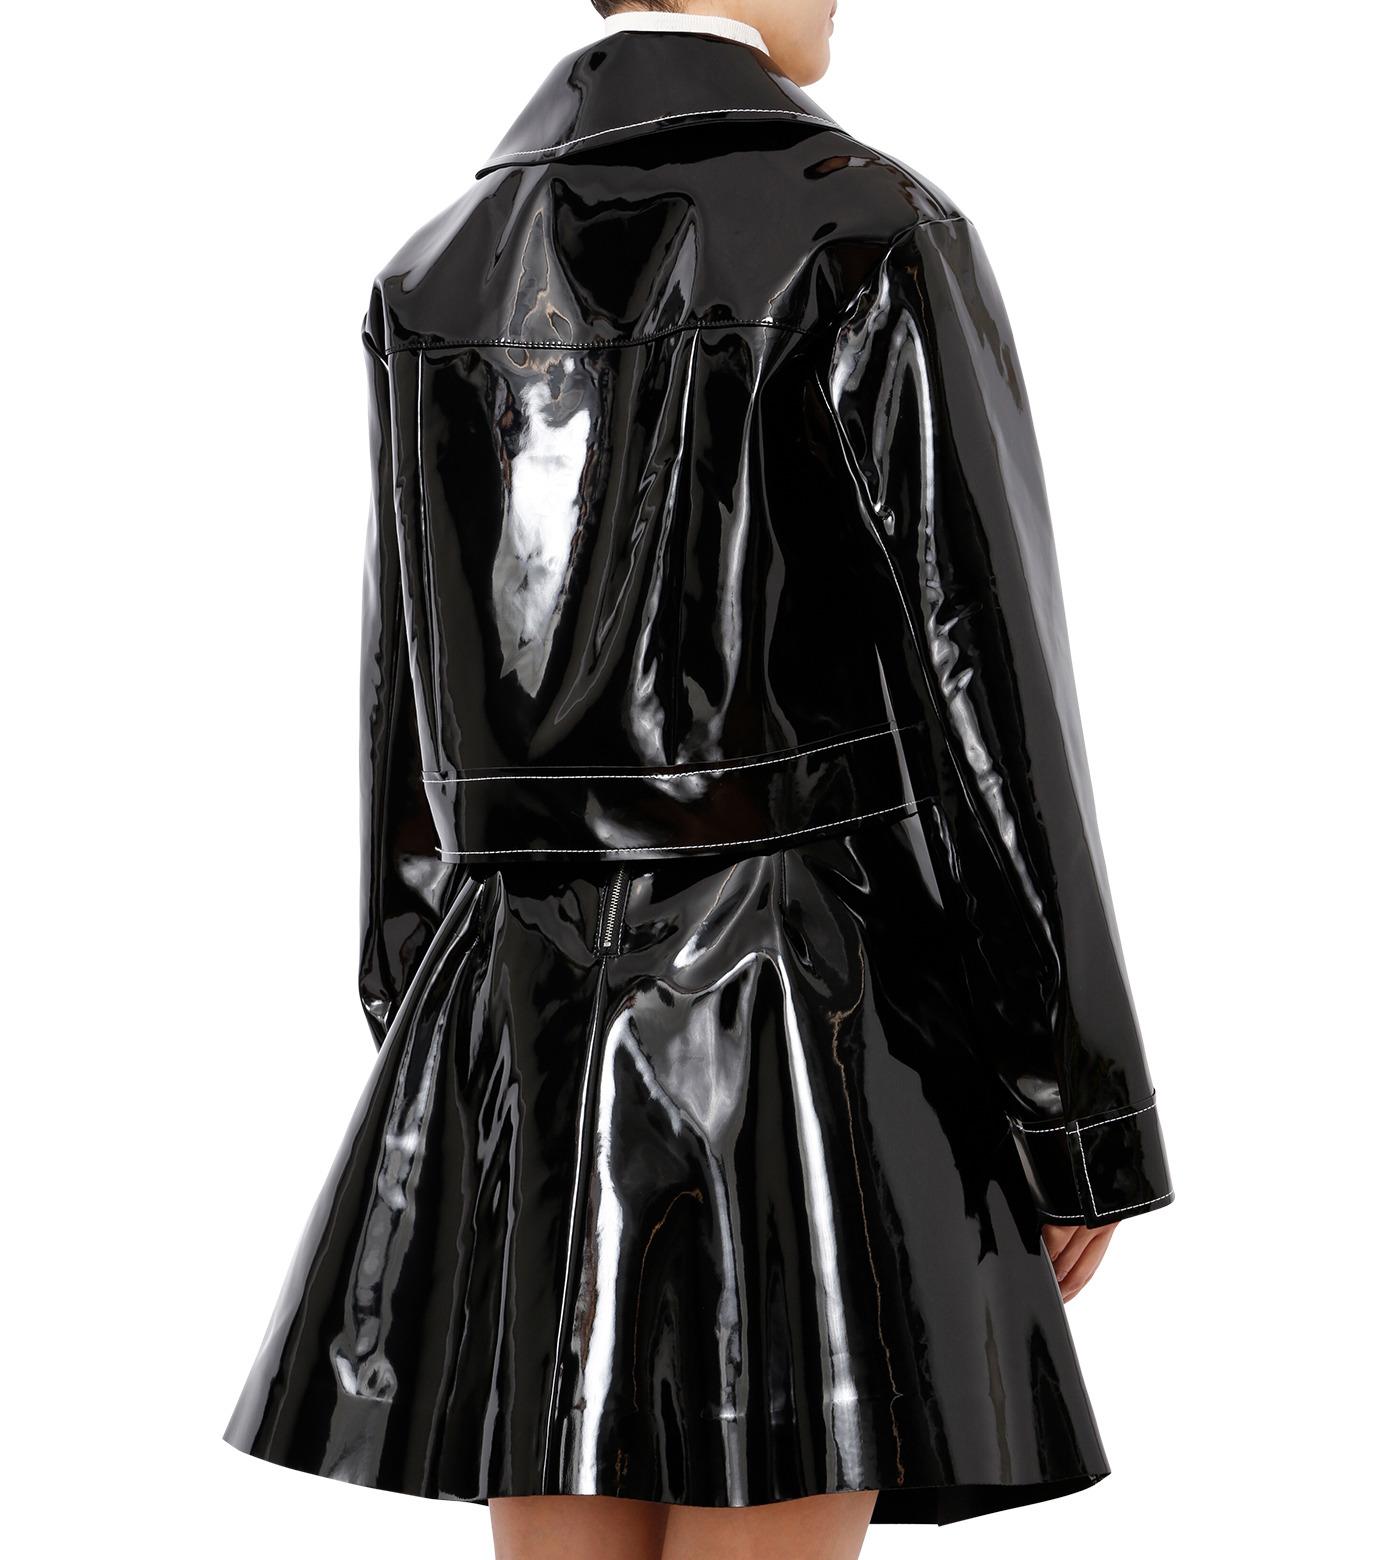 LE CIEL BLEU(ルシェルブルー)のフェイクエナメルビッグブルゾン-BLACK(ジャケット/jacket)-18A64407 拡大詳細画像2